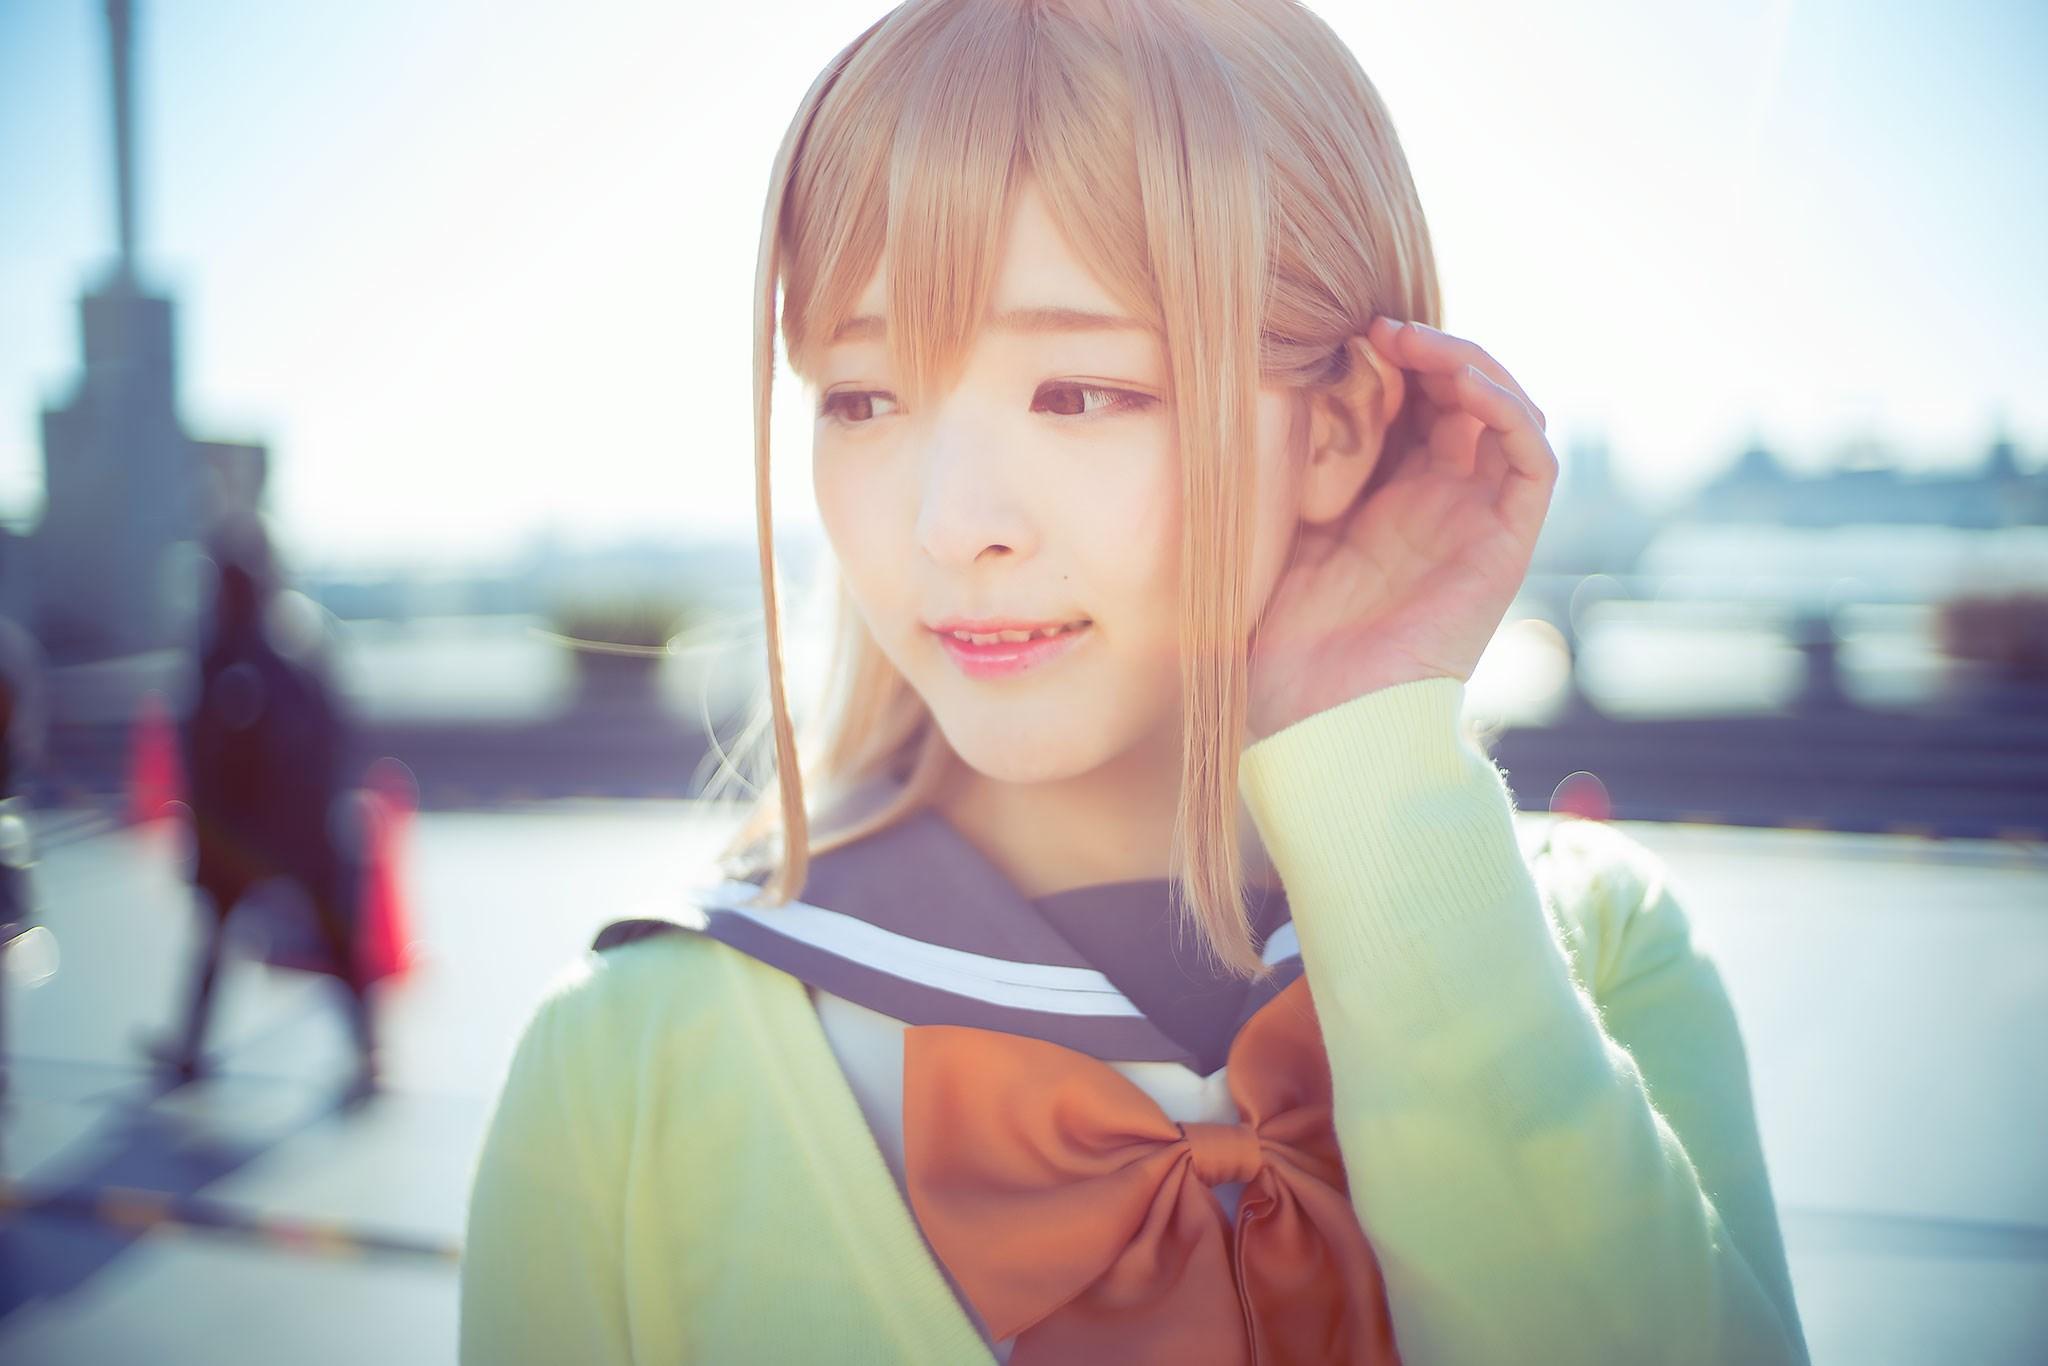 【兔玩映画】阳光与少女 兔玩映画 第15张